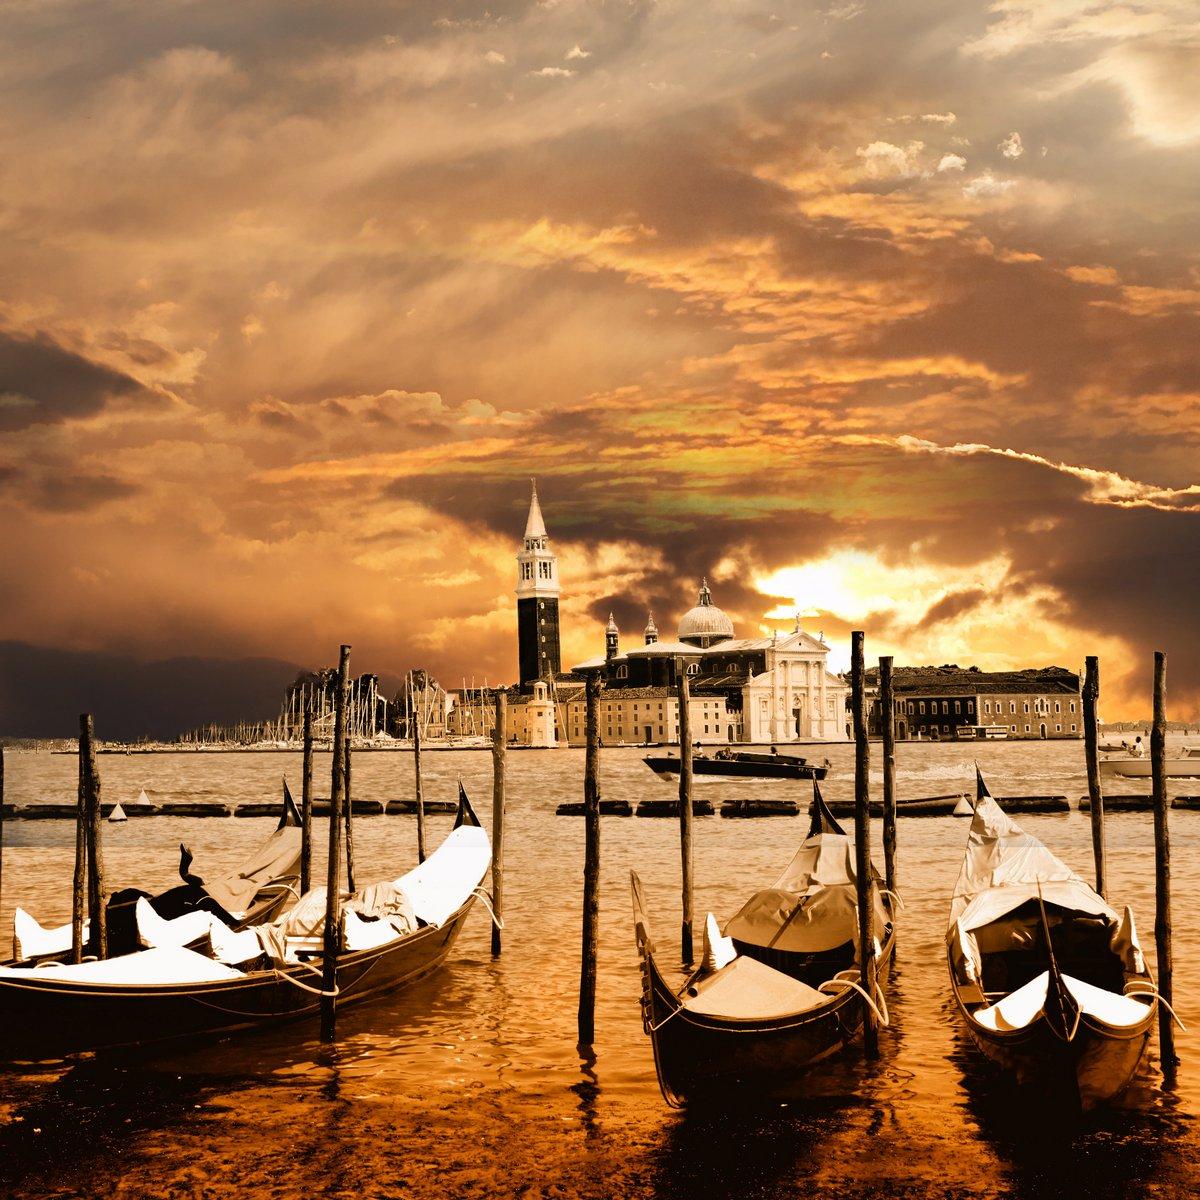 Постер Венеция Закат в ВенецииВенеция<br>Постер на холсте или бумаге. Любого нужного вам размера. В раме или без. Подвес в комплекте. Трехслойная надежная упаковка. Доставим в любую точку России. Вам осталось только повесить картину на стену!<br>